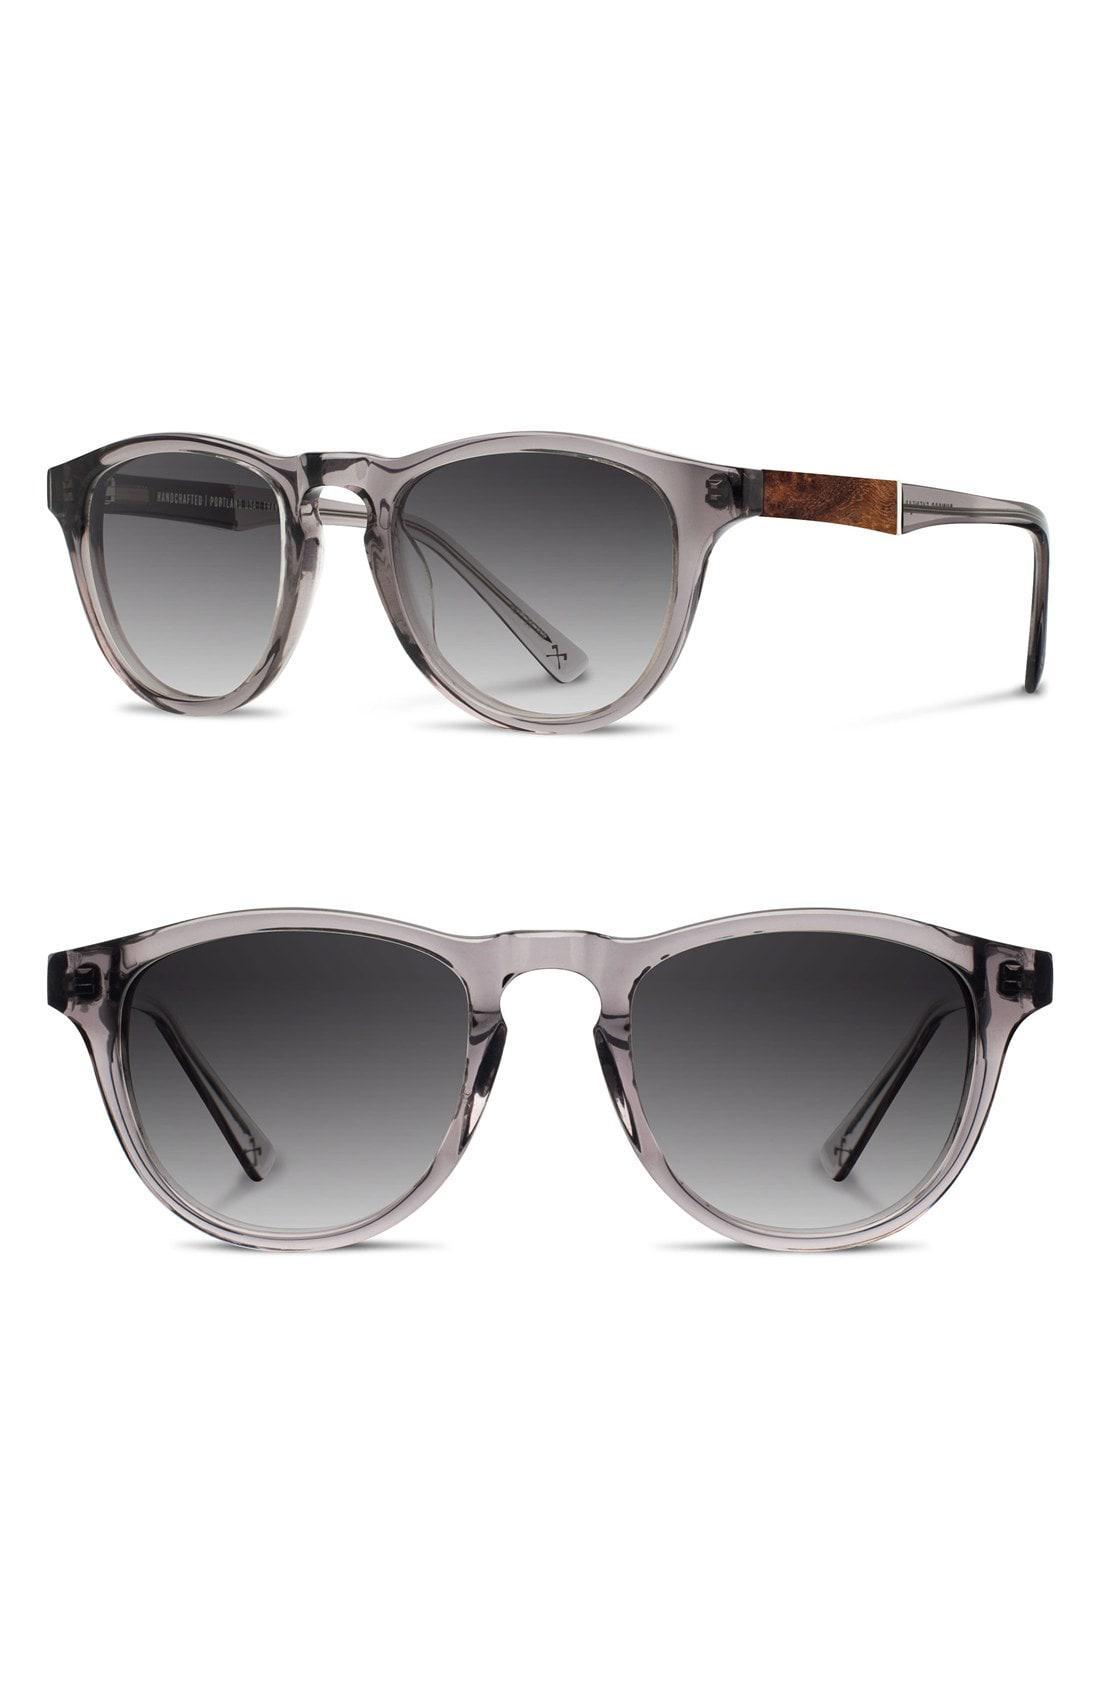 f3fedd812221 Lyst - Shwood  francis  49mm Sunglasses - Smoke  Elm Burl  Grey in ...